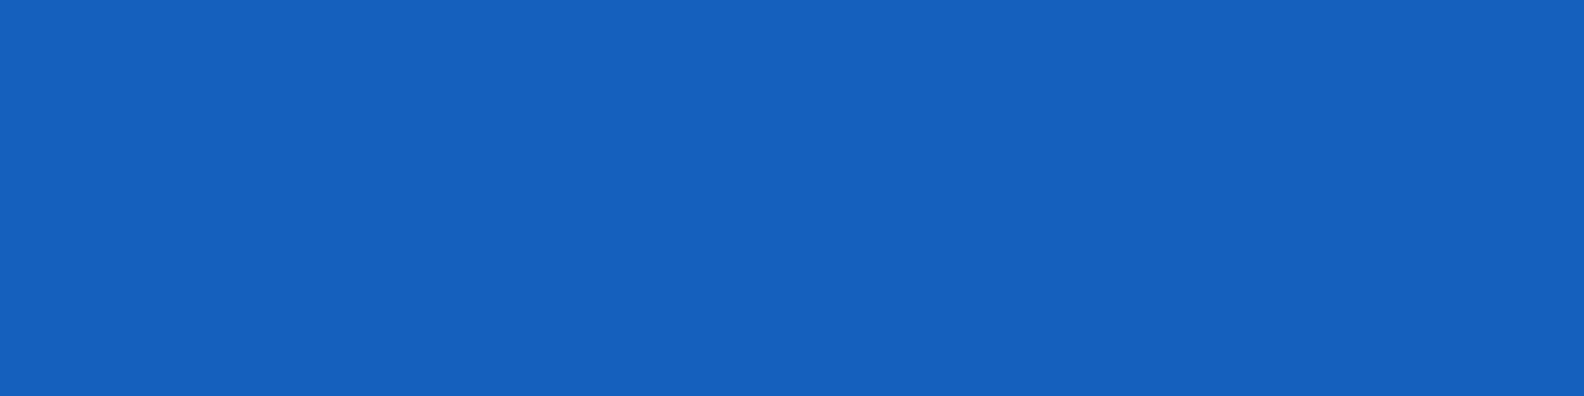 1584x396 Denim Solid Color Background